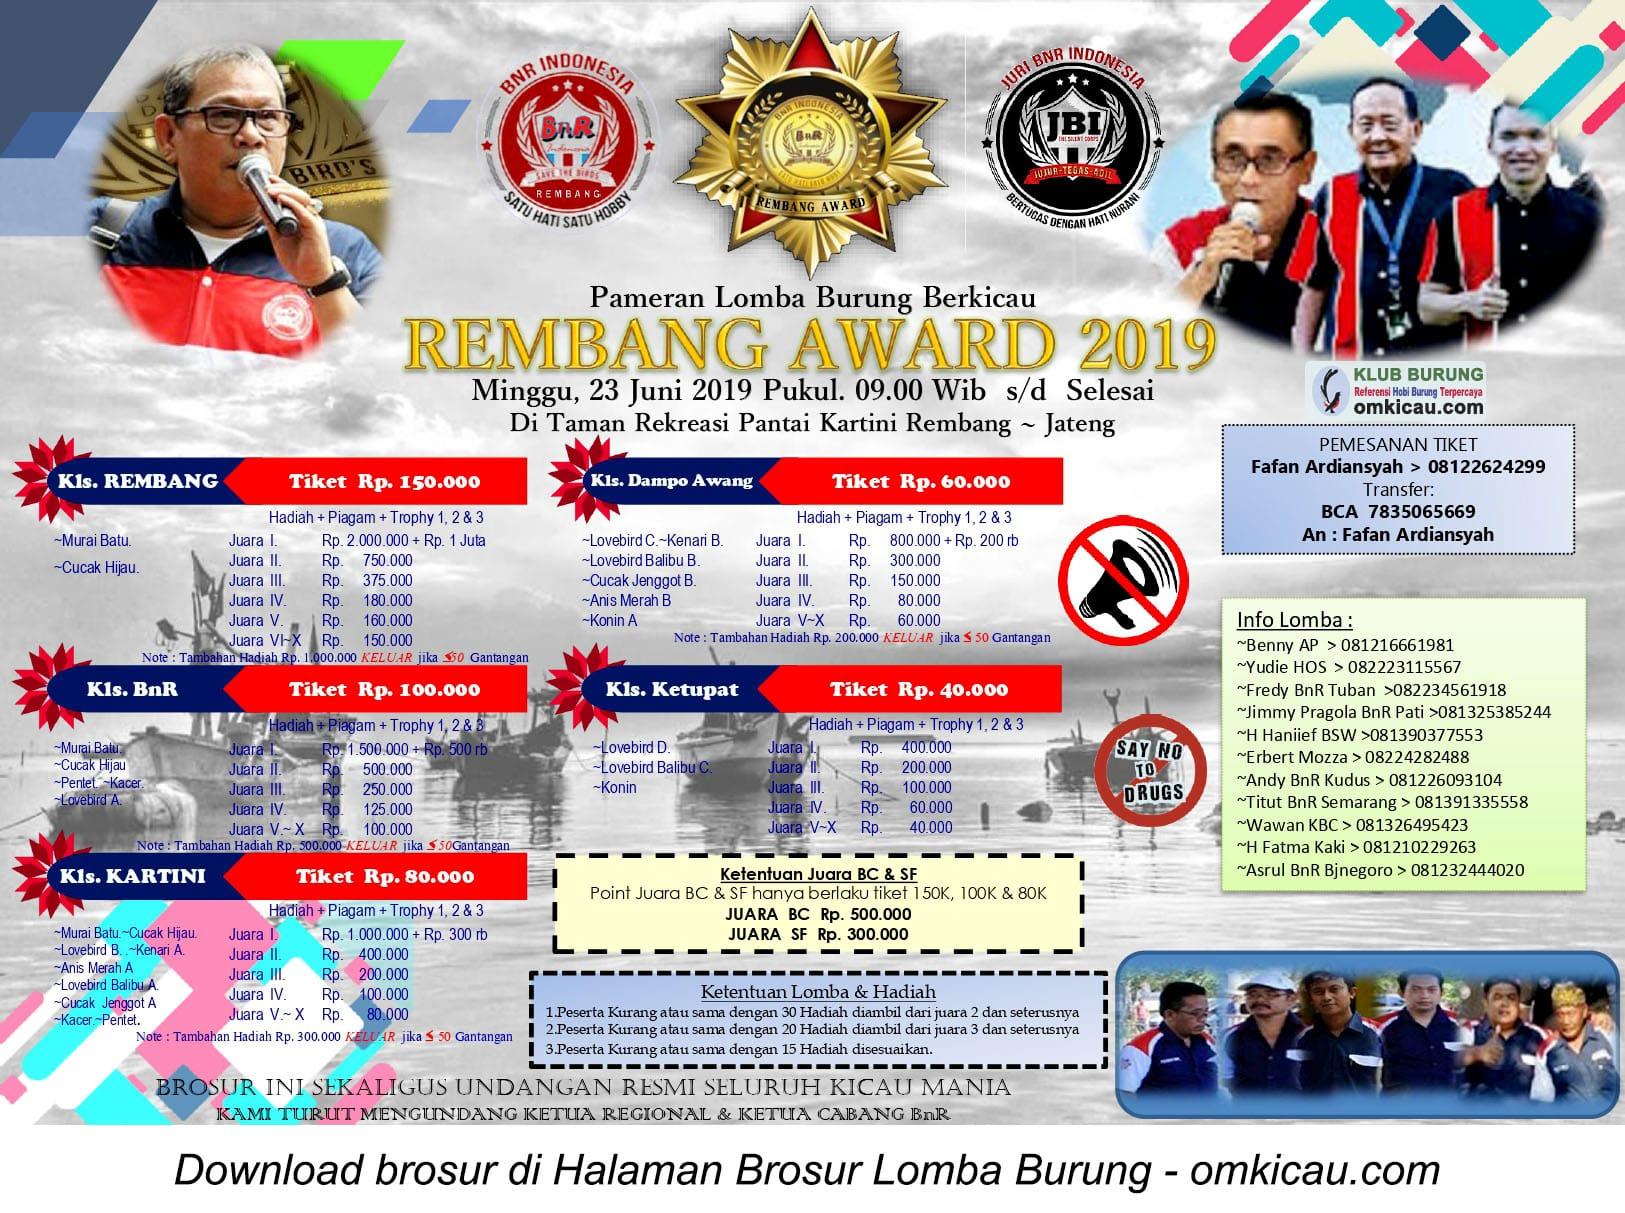 Rembang Award 2019